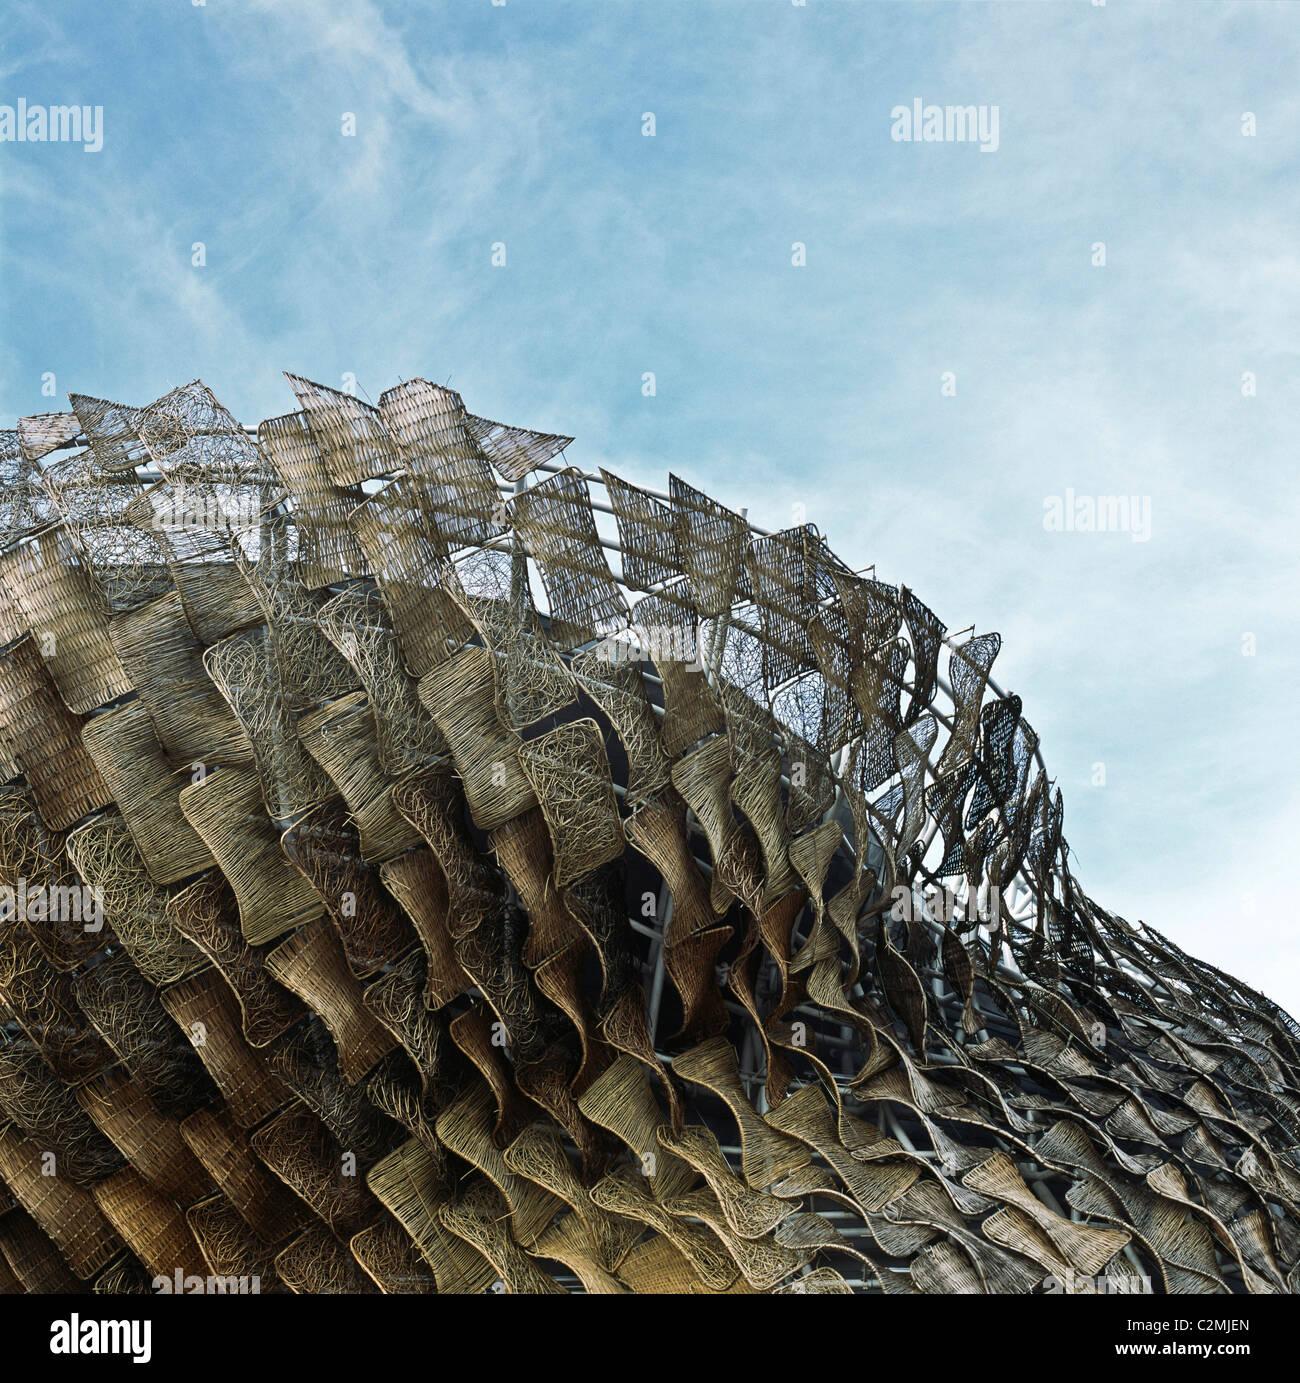 Spanischen Pavillon auf der Shanghai World Expo Weide Panels auf ...